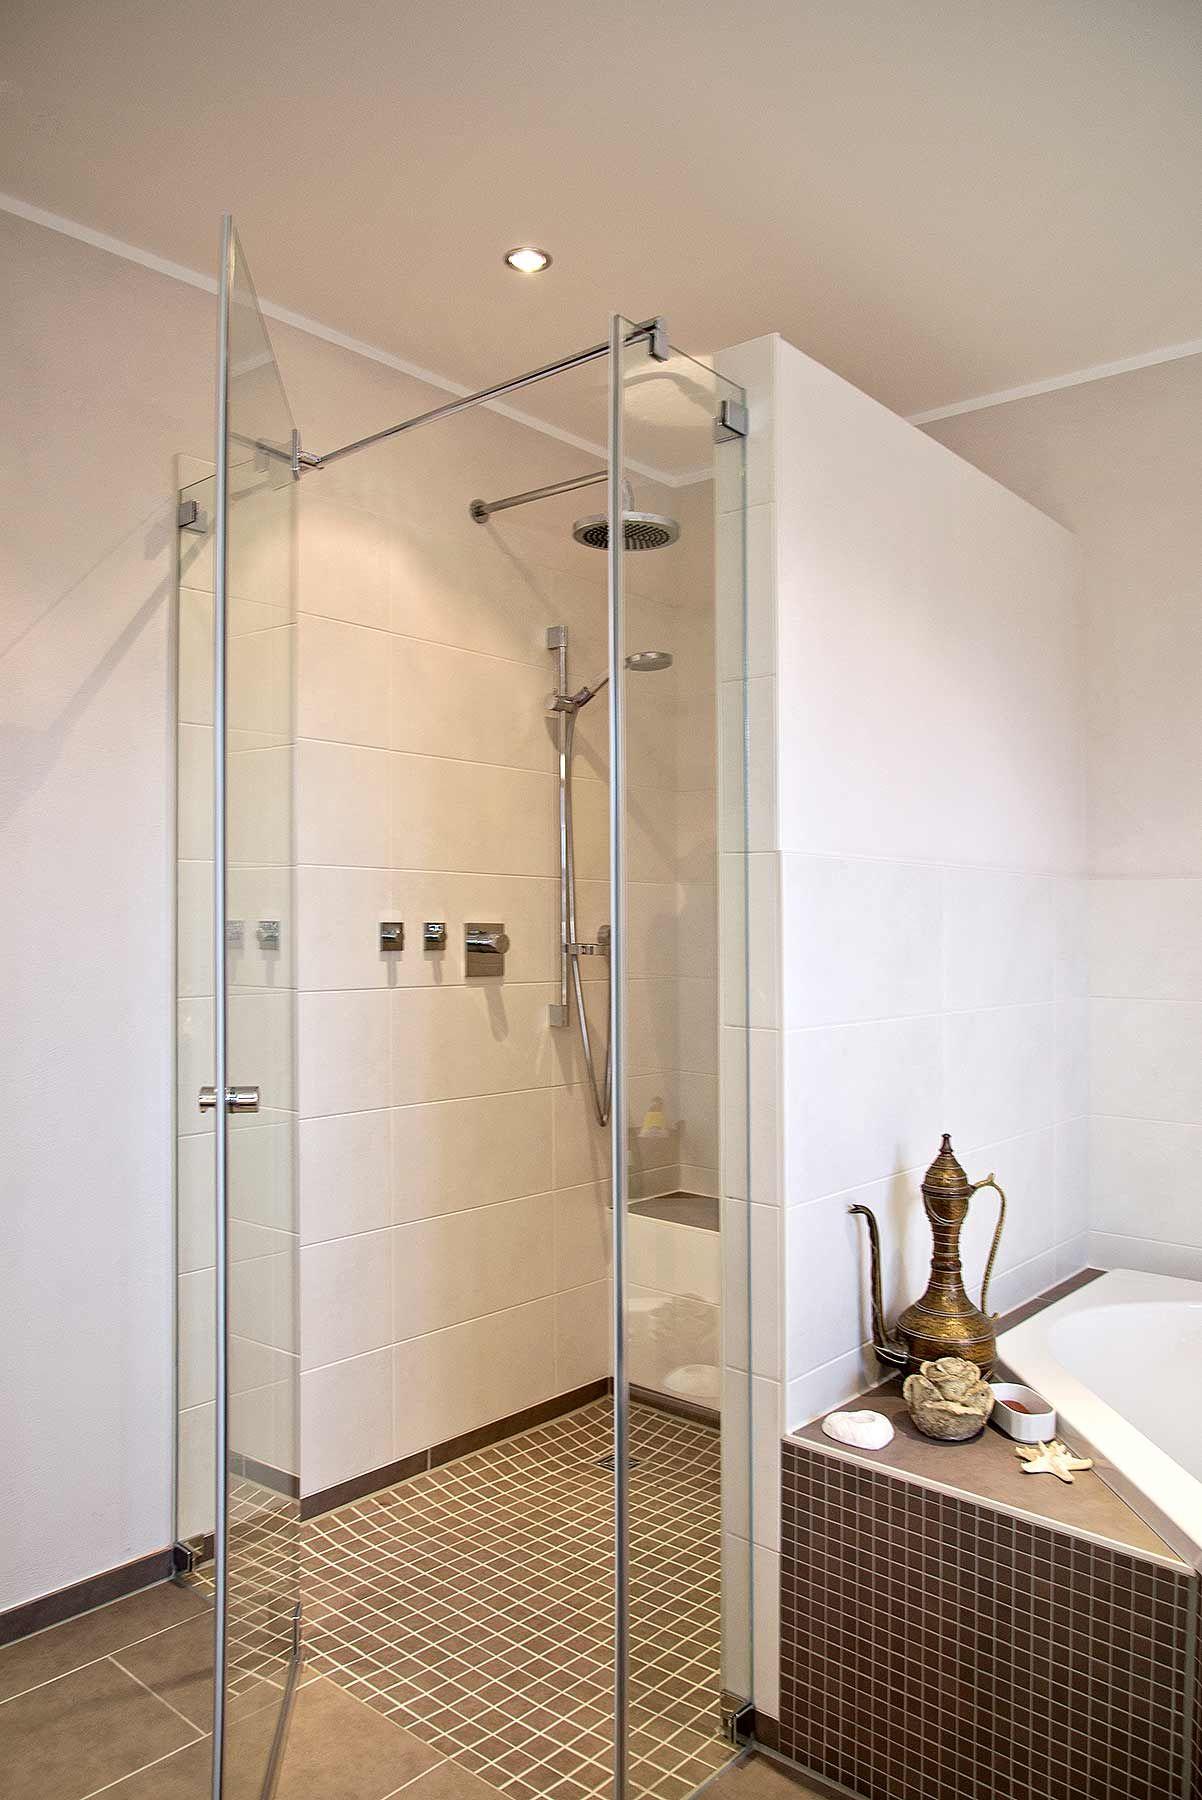 bodenebene dusche mit glastr und gemauerter abtrennung zur sechseck badewanne - Badewanne Neben Dusche